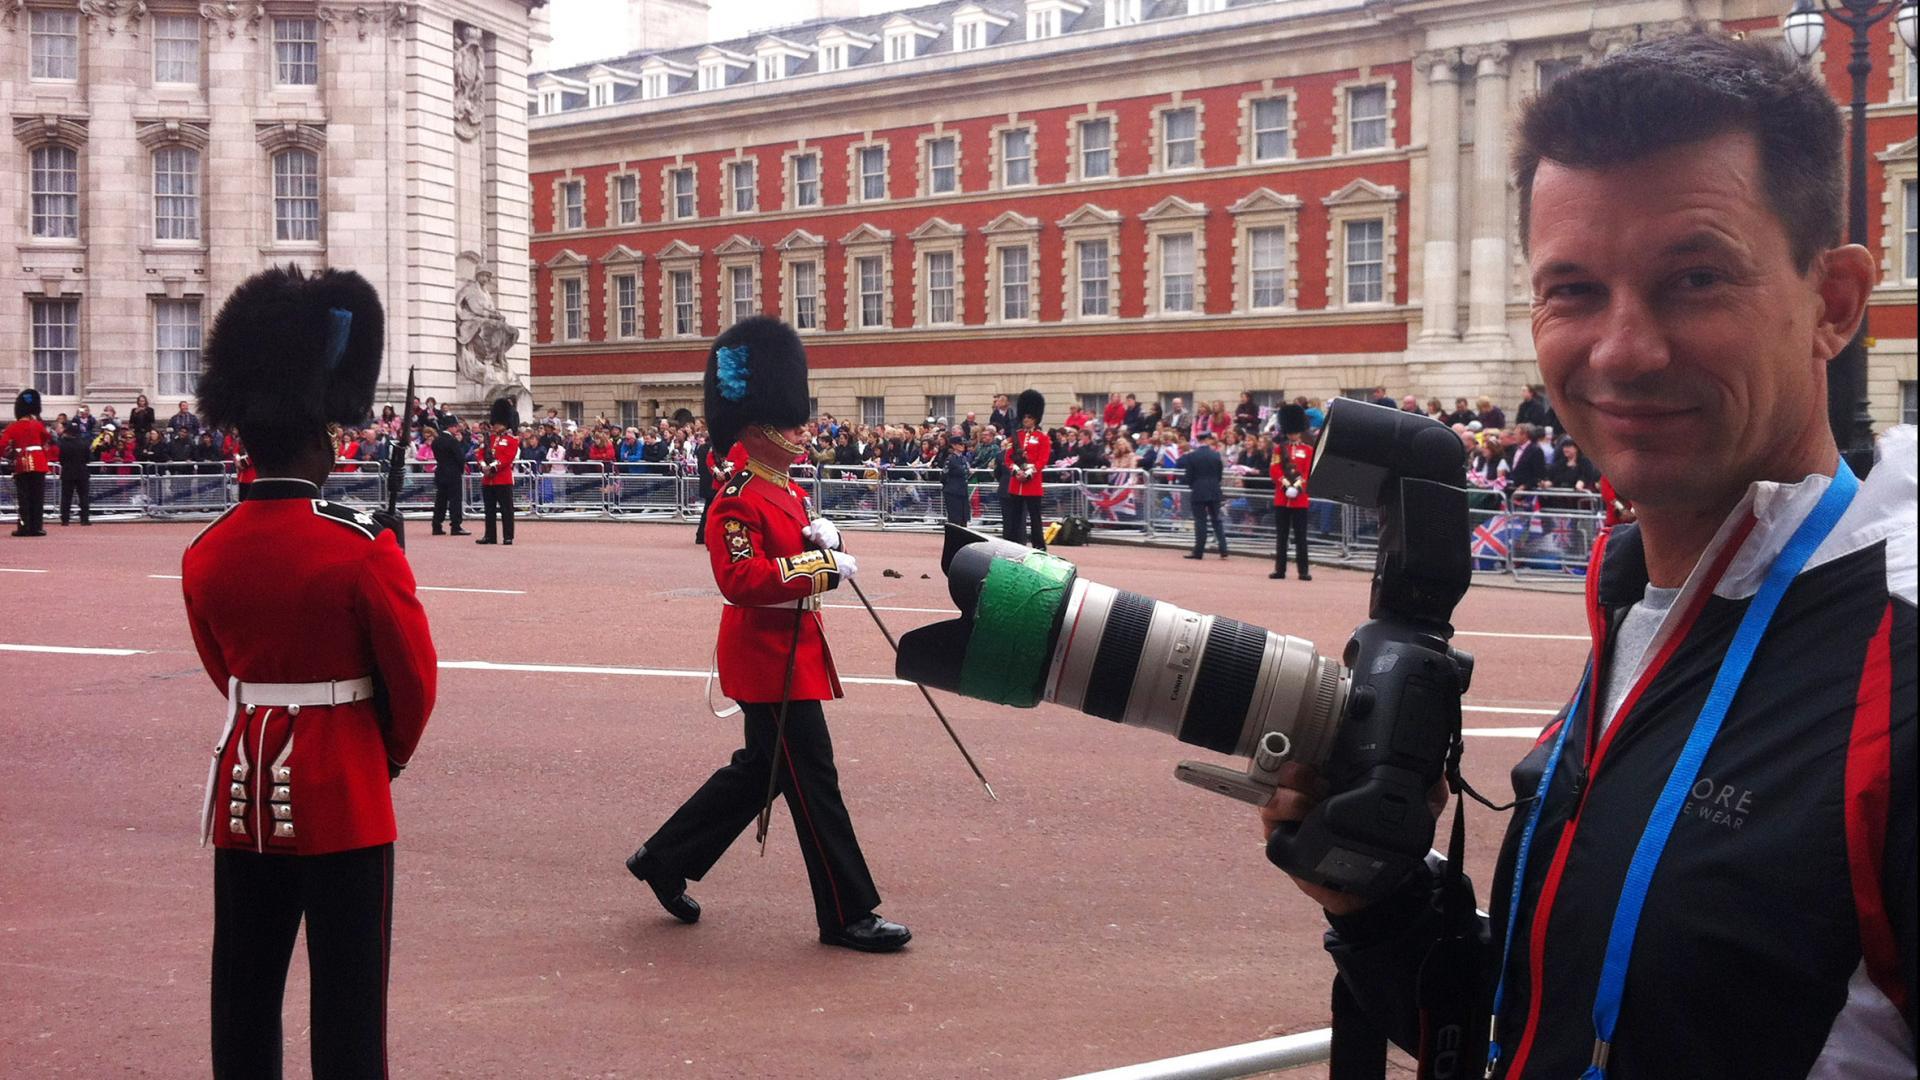 بريطانيا تكشف مصير الصحفي المحتجز لدى داعش منذ 2012 وتؤكد: لا ندفع فدية